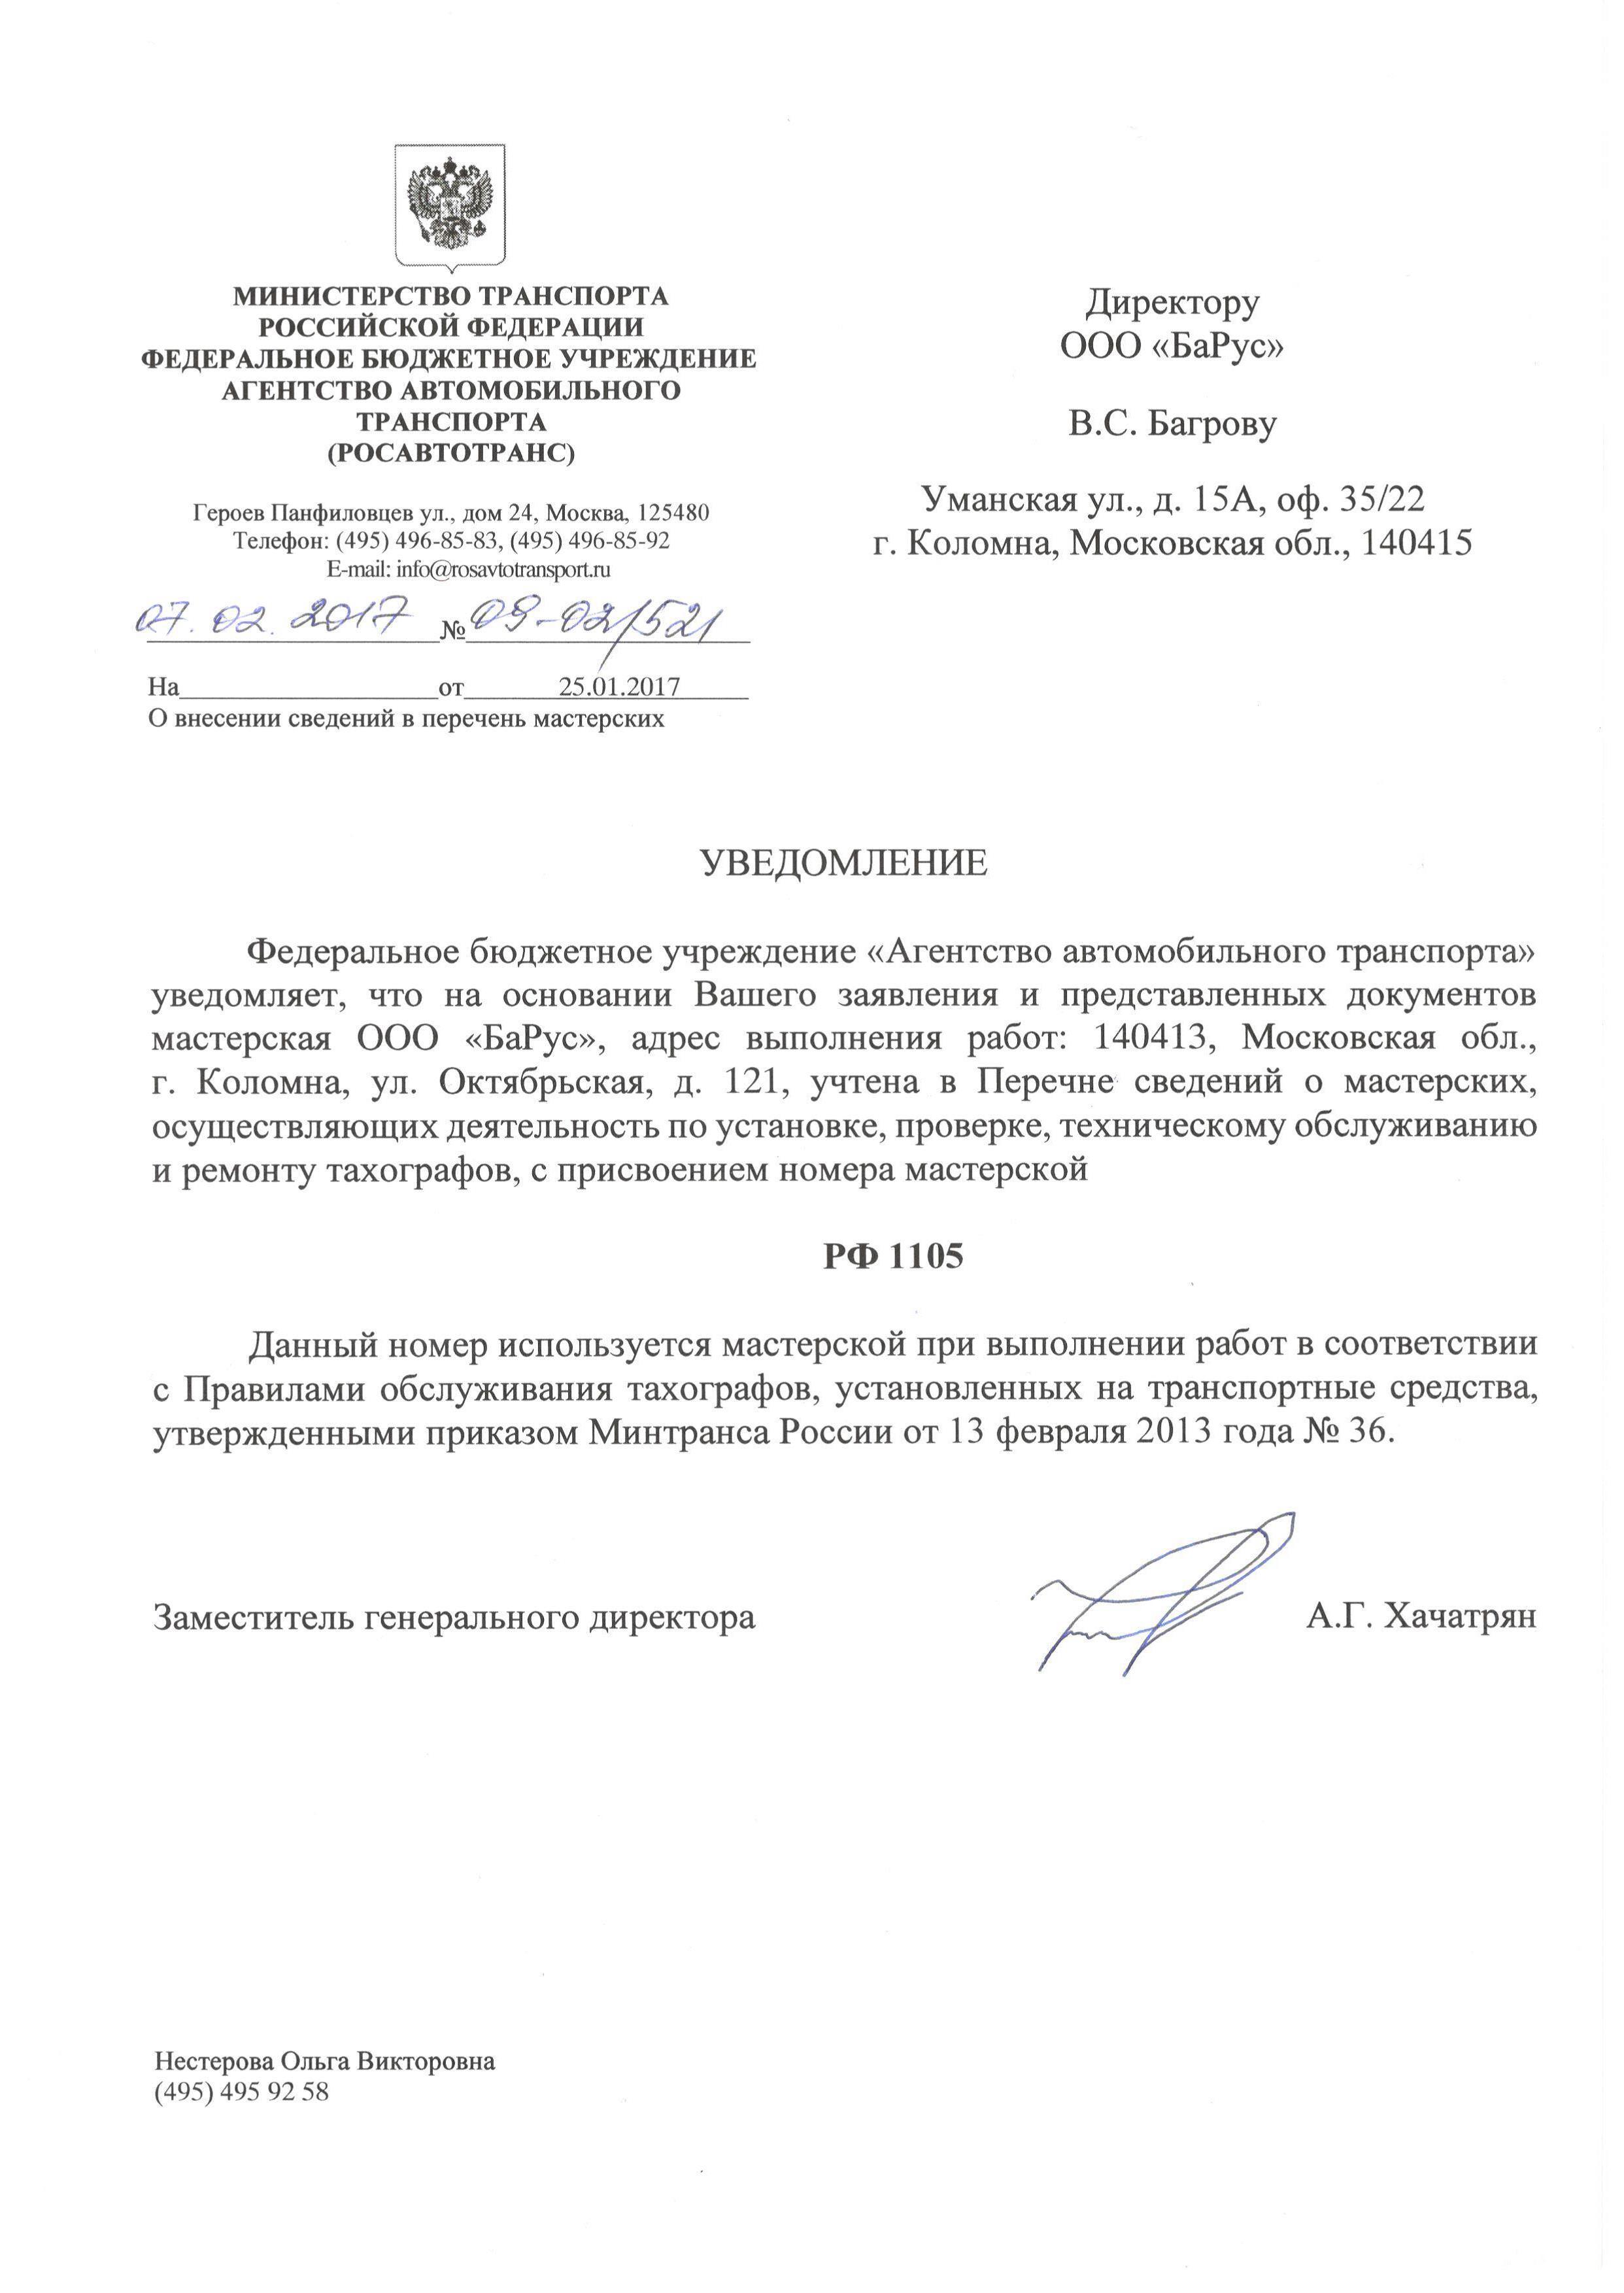 Лицензии и сертификаты Клеймо БаРус РФ1105